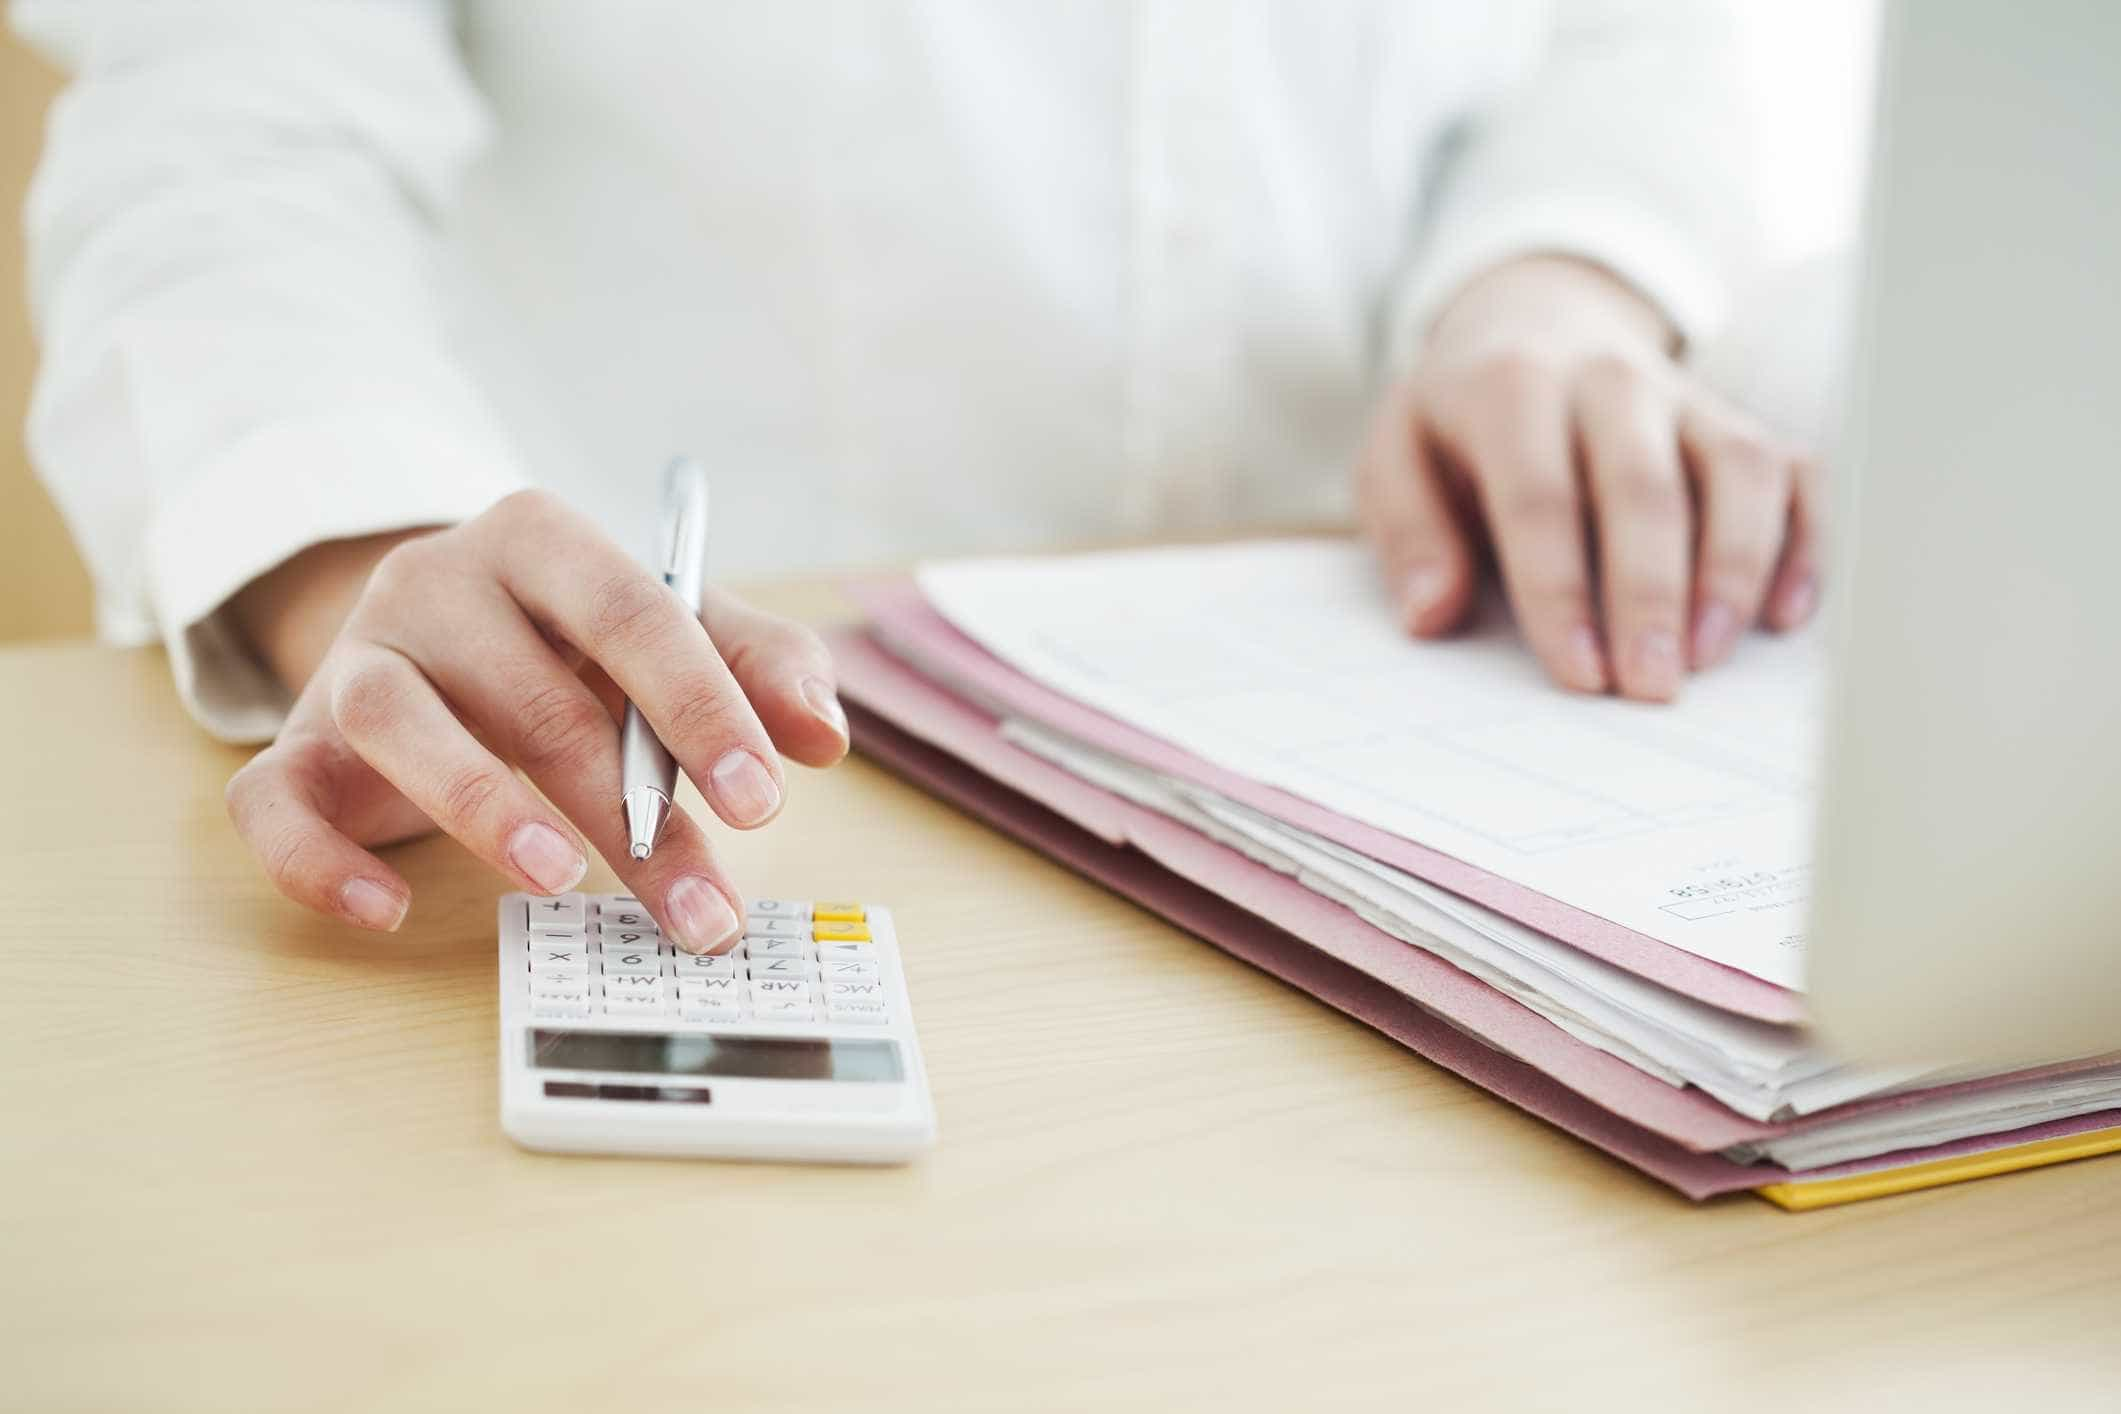 Dica de poupança: Como realizar um orçamento familiar (por etapas)